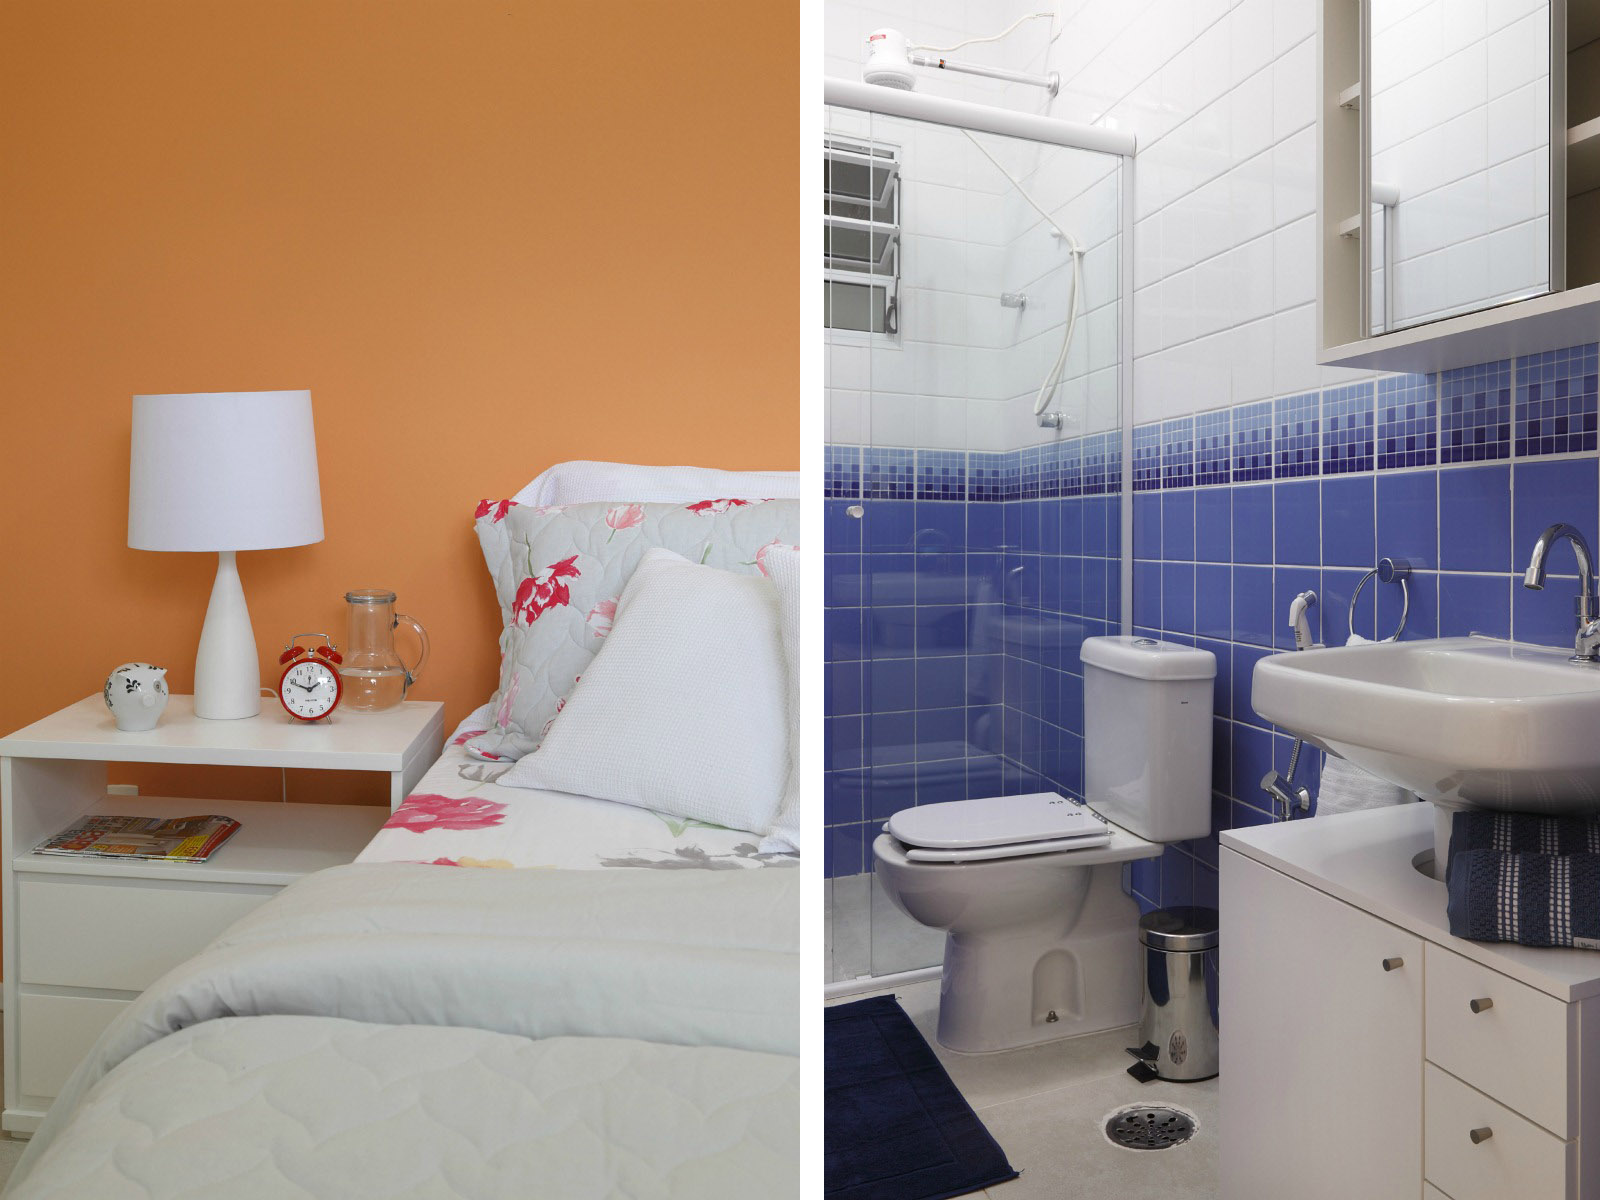 Imagens de #956136 Casal ganha um quarto só para eles amplo e com decoração clean  1600x1200 px 3666 Banheiros Separados Casal